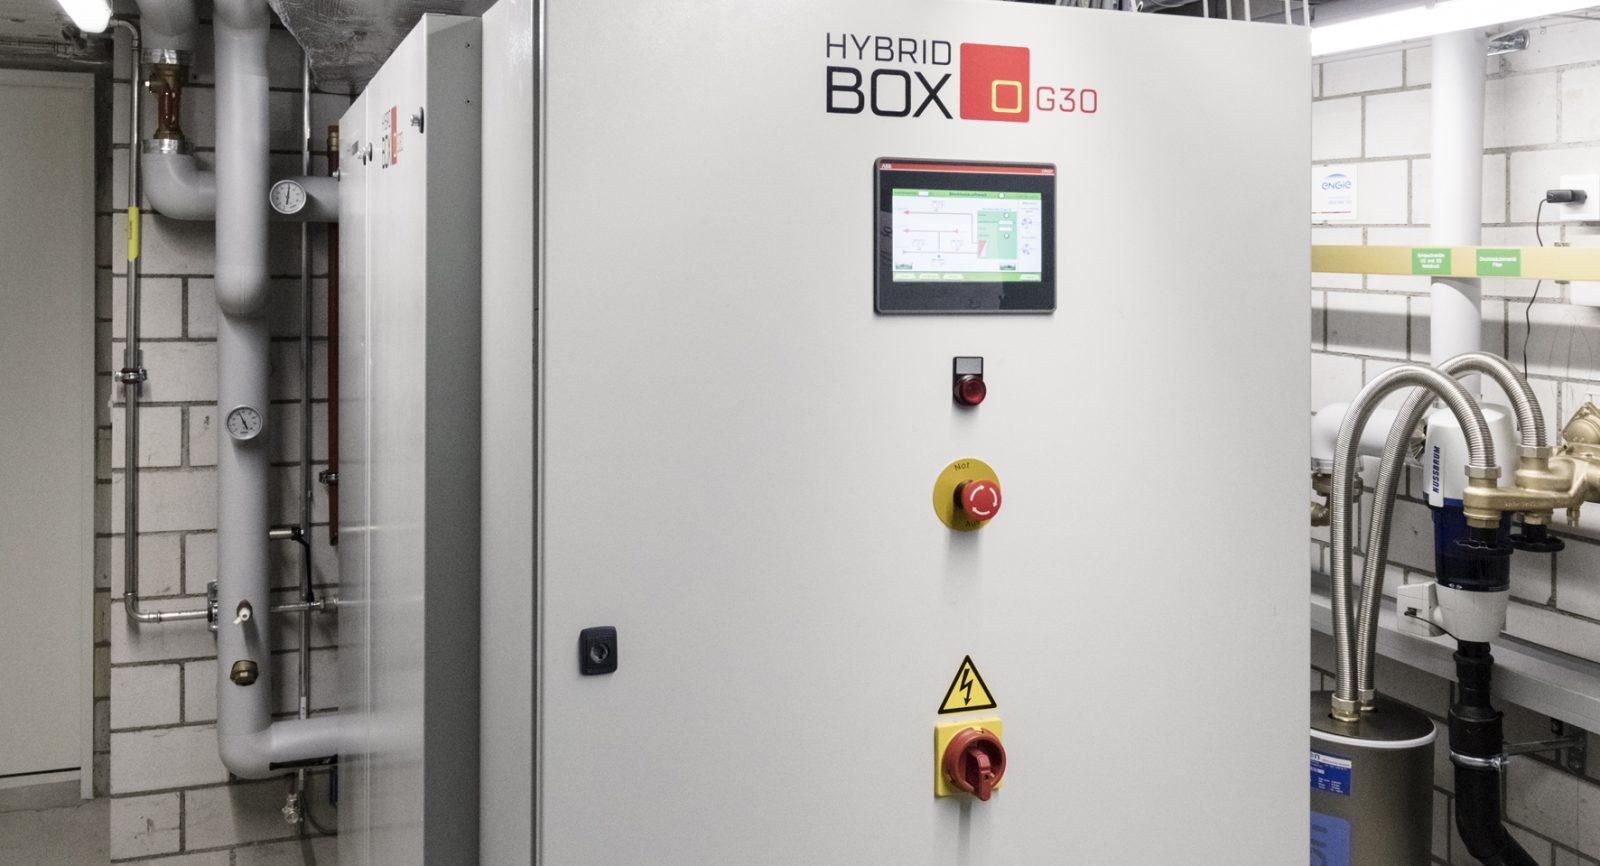 Die Hybridbox umfasst Wärmepumpe, BHKW, Wärmerückgewinnung und Steuerung; sie steht heute in drei Leistungsstufen für unterschiedlich grosse Gebäude zur Verfügung.